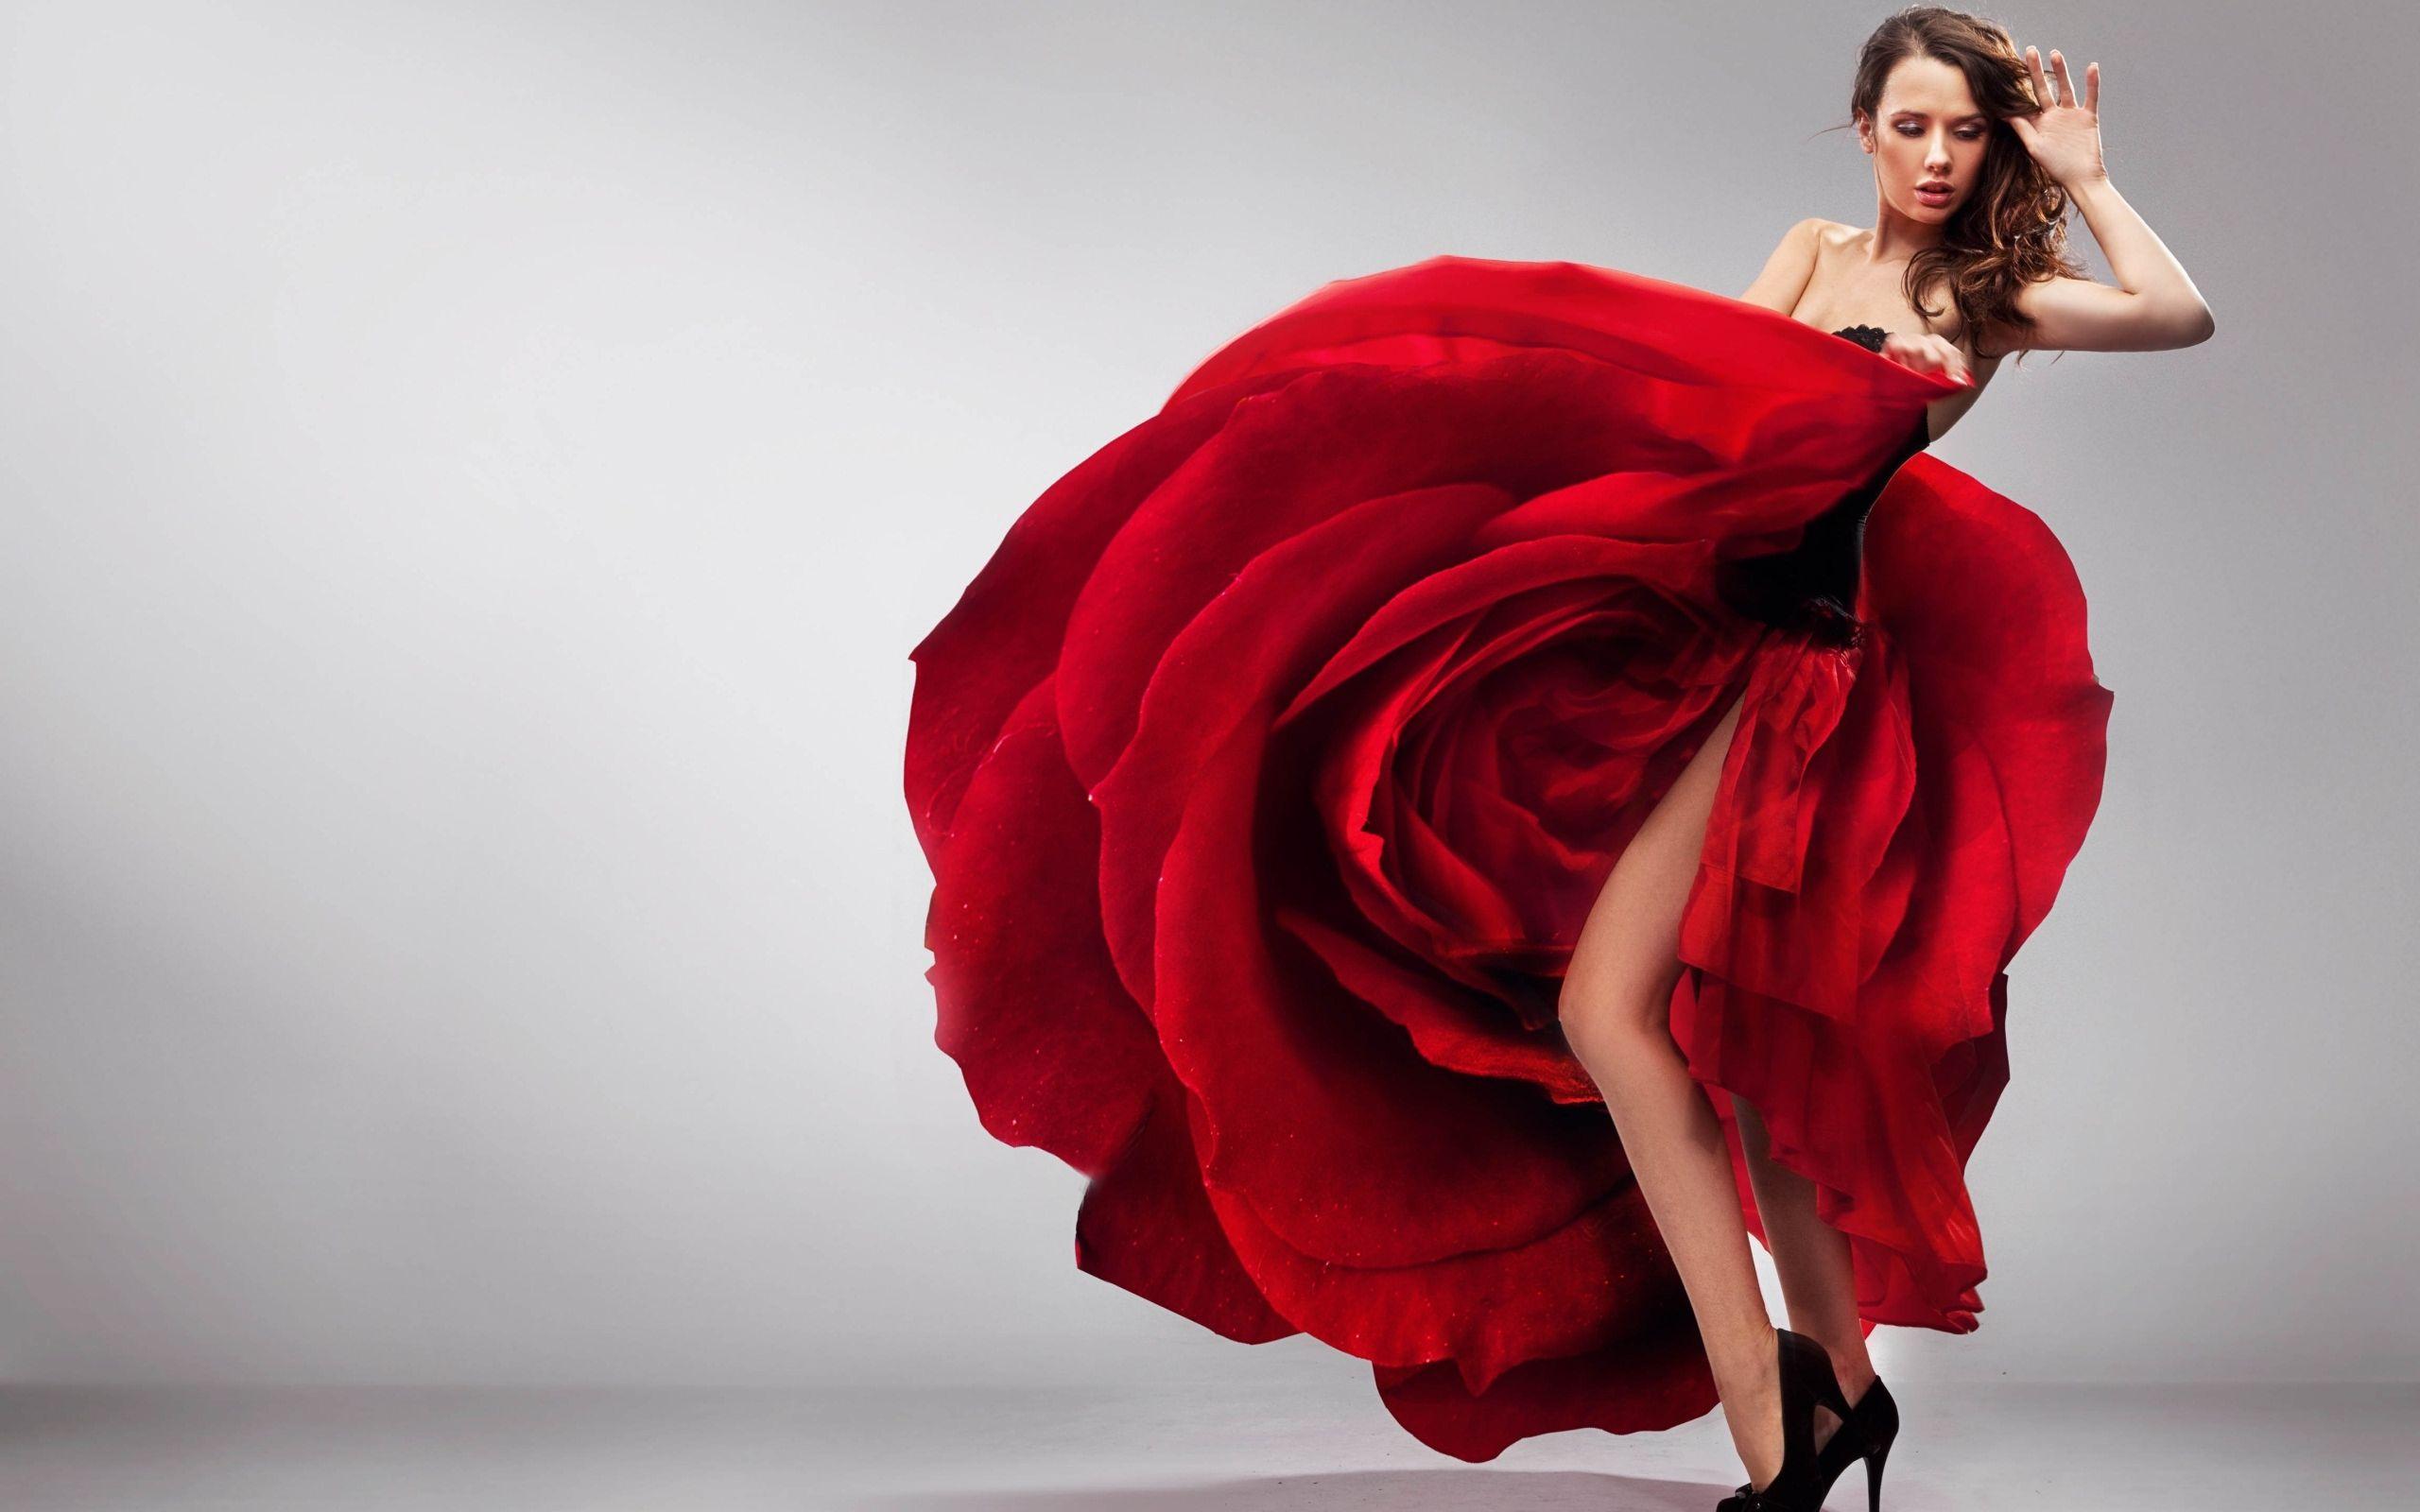 壁紙画像 薔薇のドレス Dress Of The Rose 赤いドレス バラの